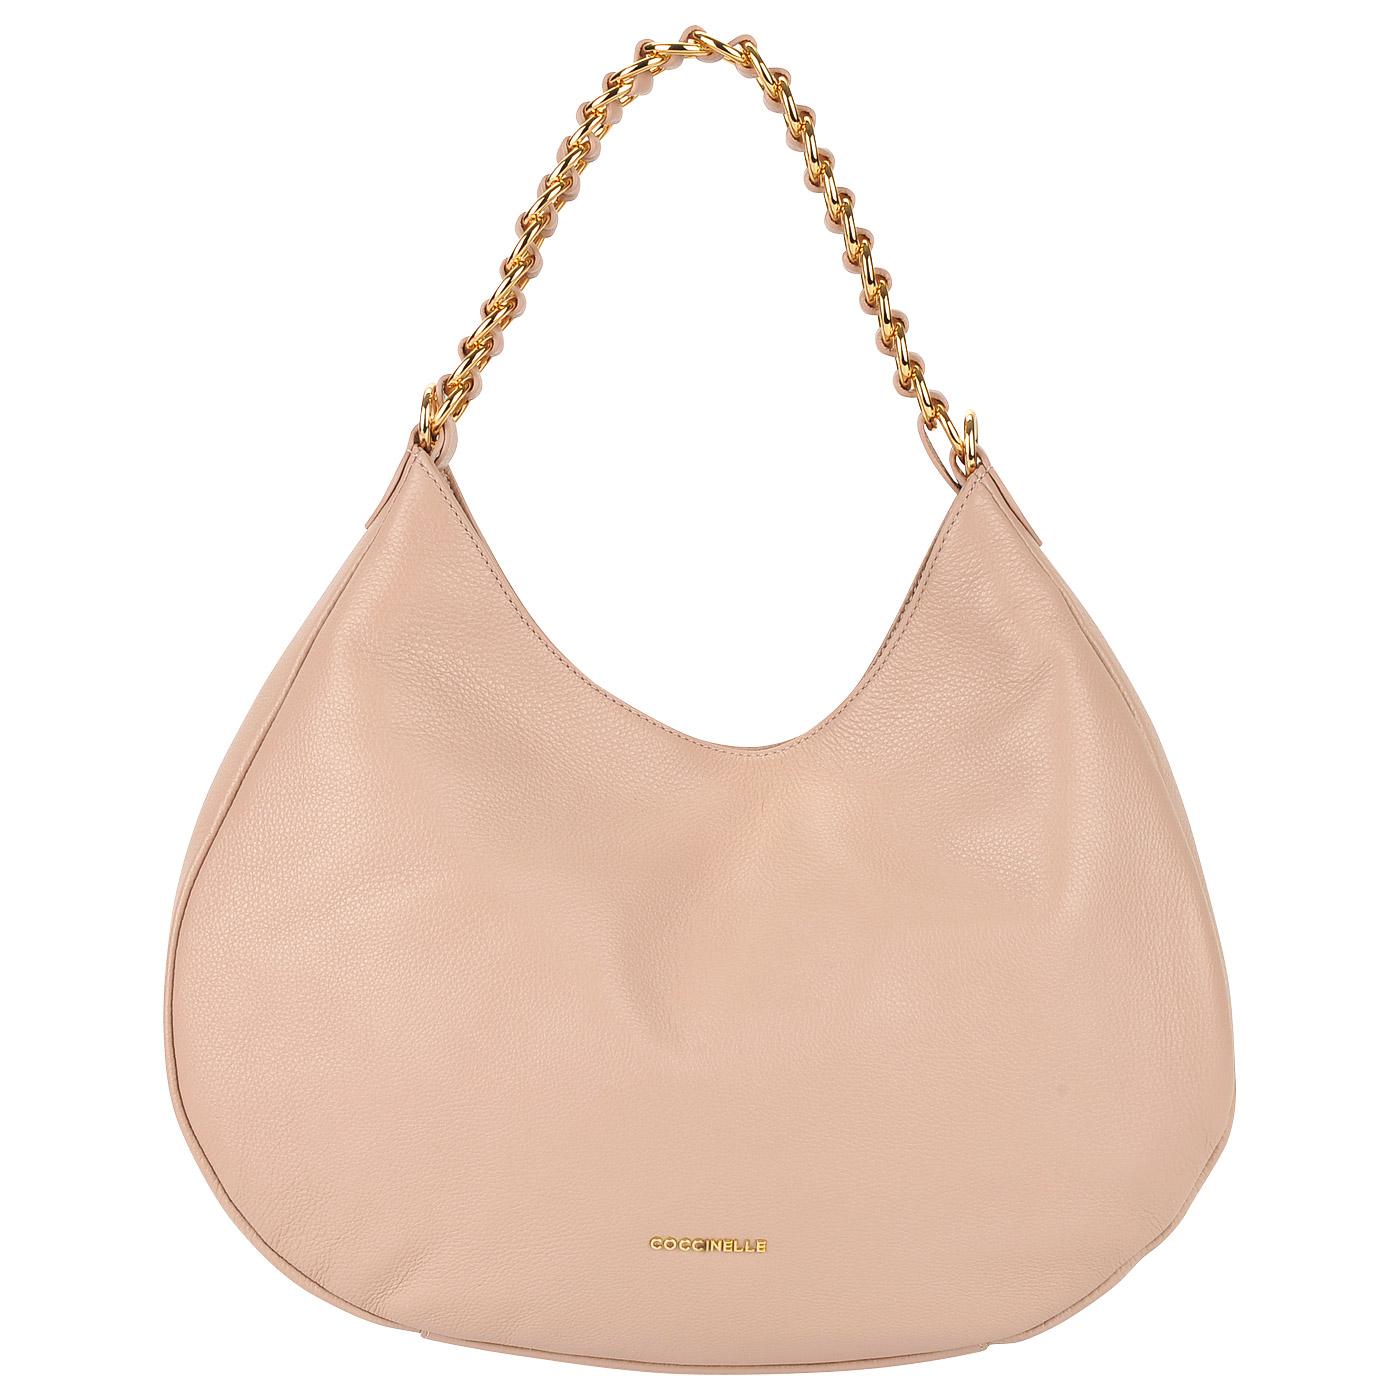 fbad98370f3a ... Вместительная женская сумка из натуральной кожи Coccinelle Julie ...